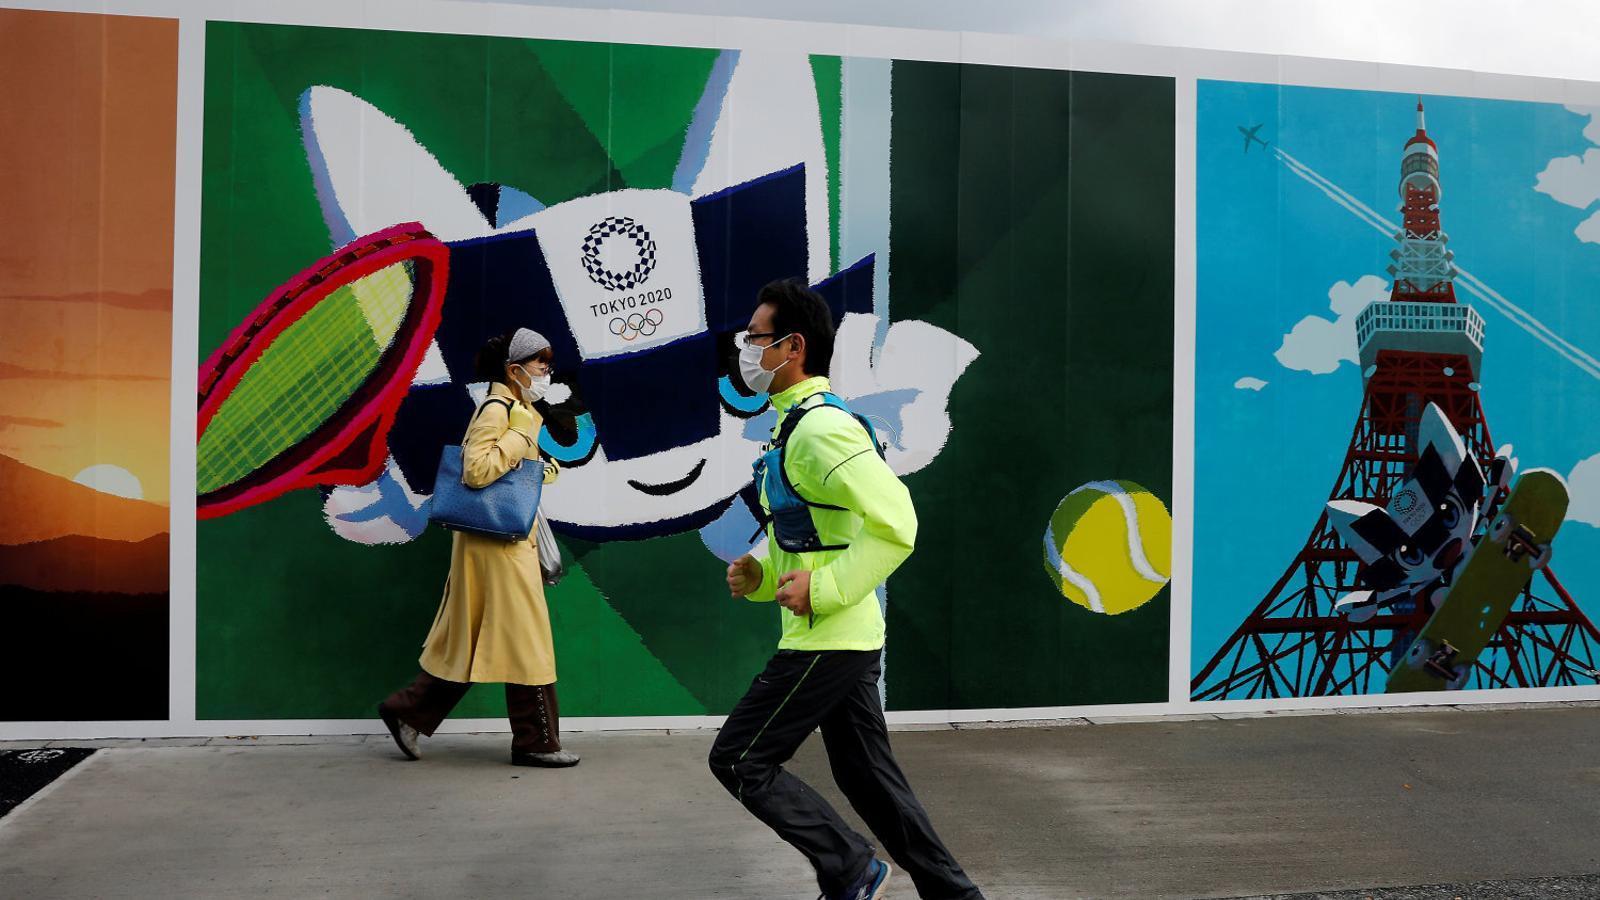 Un home fent esport amb mascareta a Tòquio, la ciutat que segueix preparant-se per als Jocs.